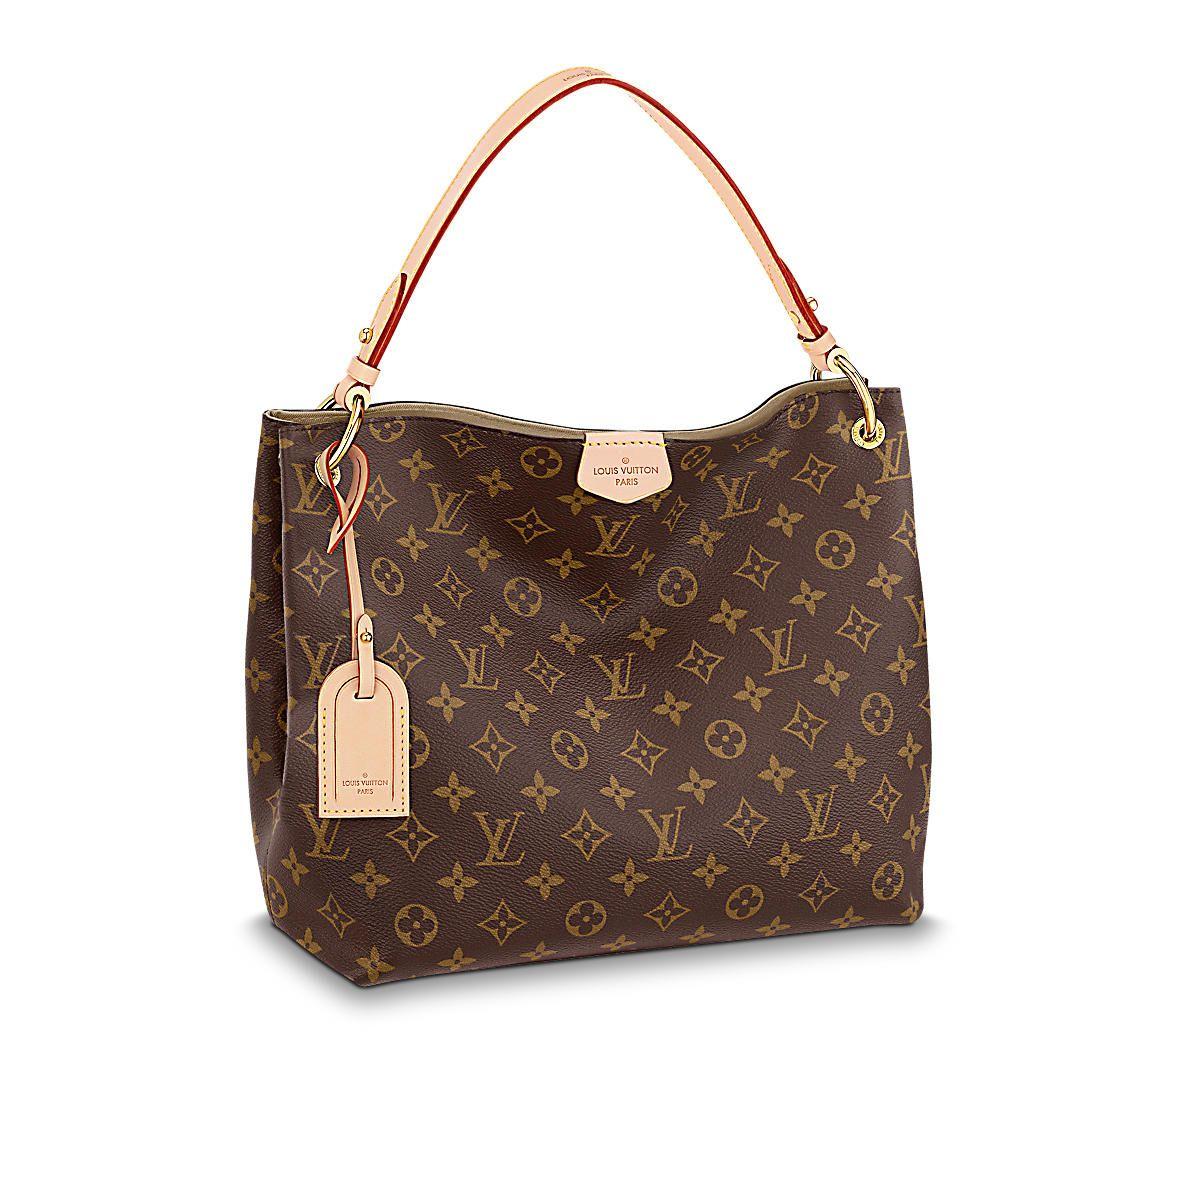 Louis Vuitton Graceful Pm Handtaschen Ledertasche Damen Taschen